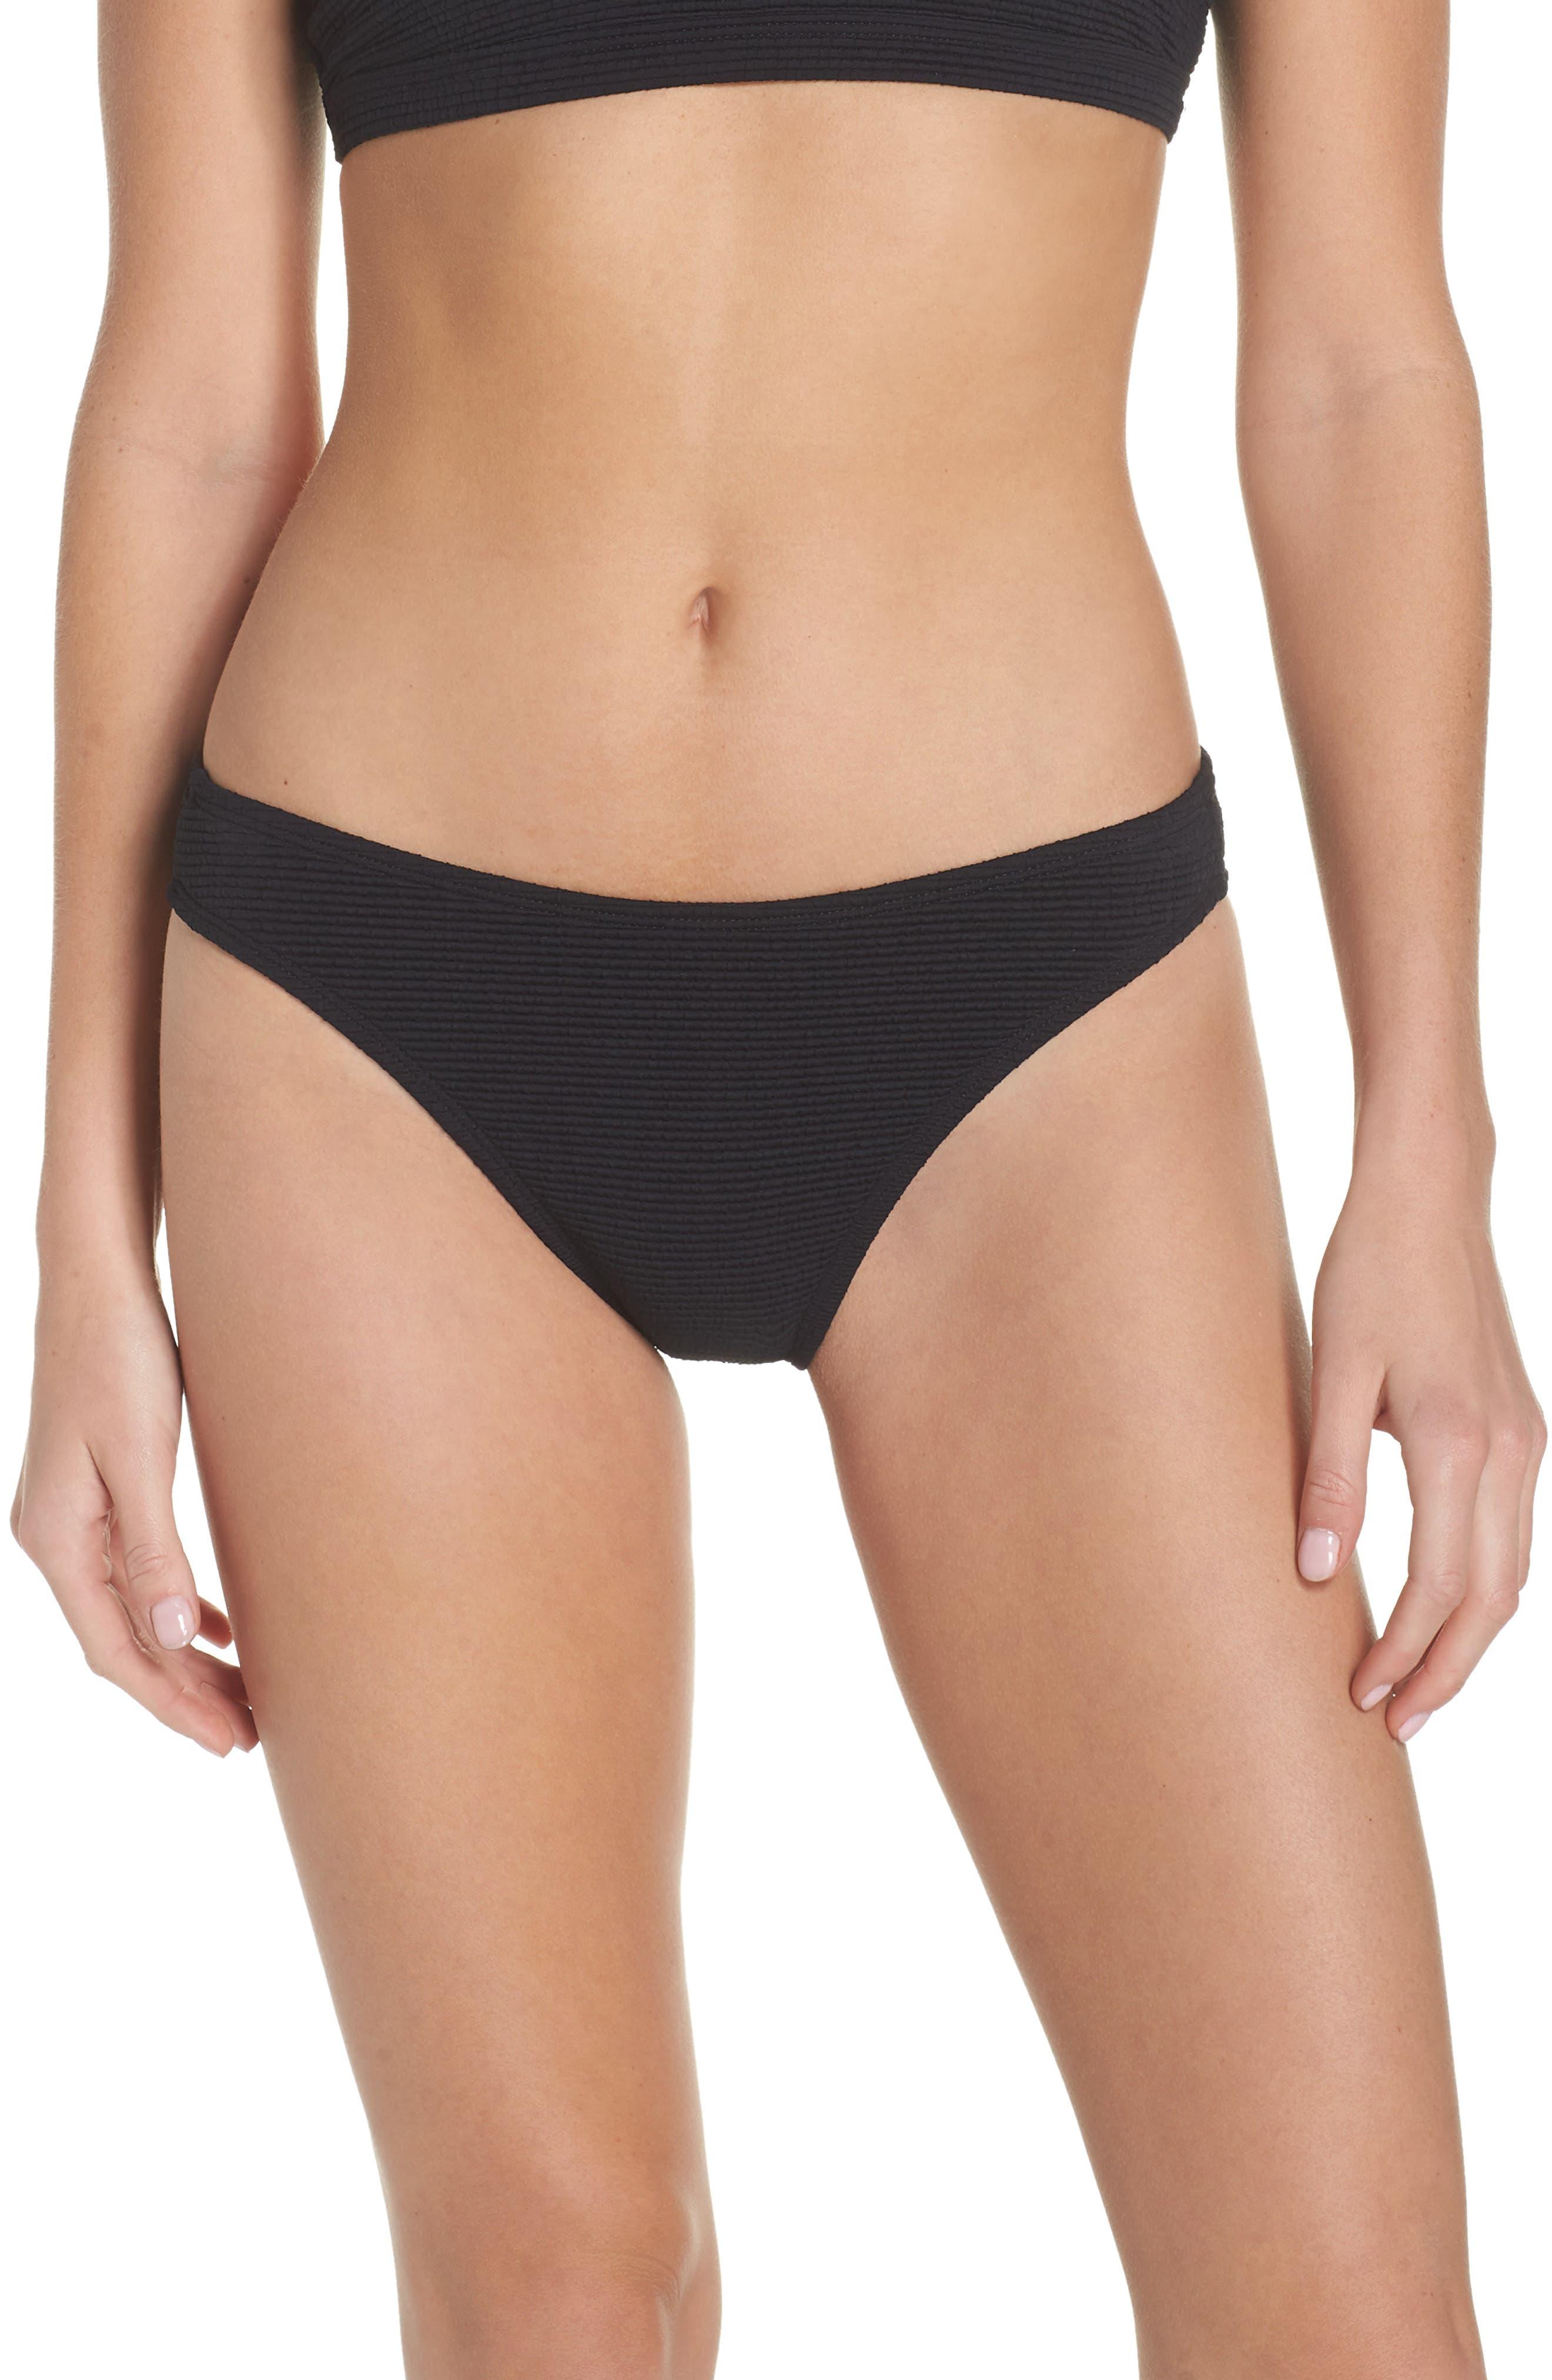 Malibu High Leg Bikini Bottoms,                         Main,                         color, BLACK